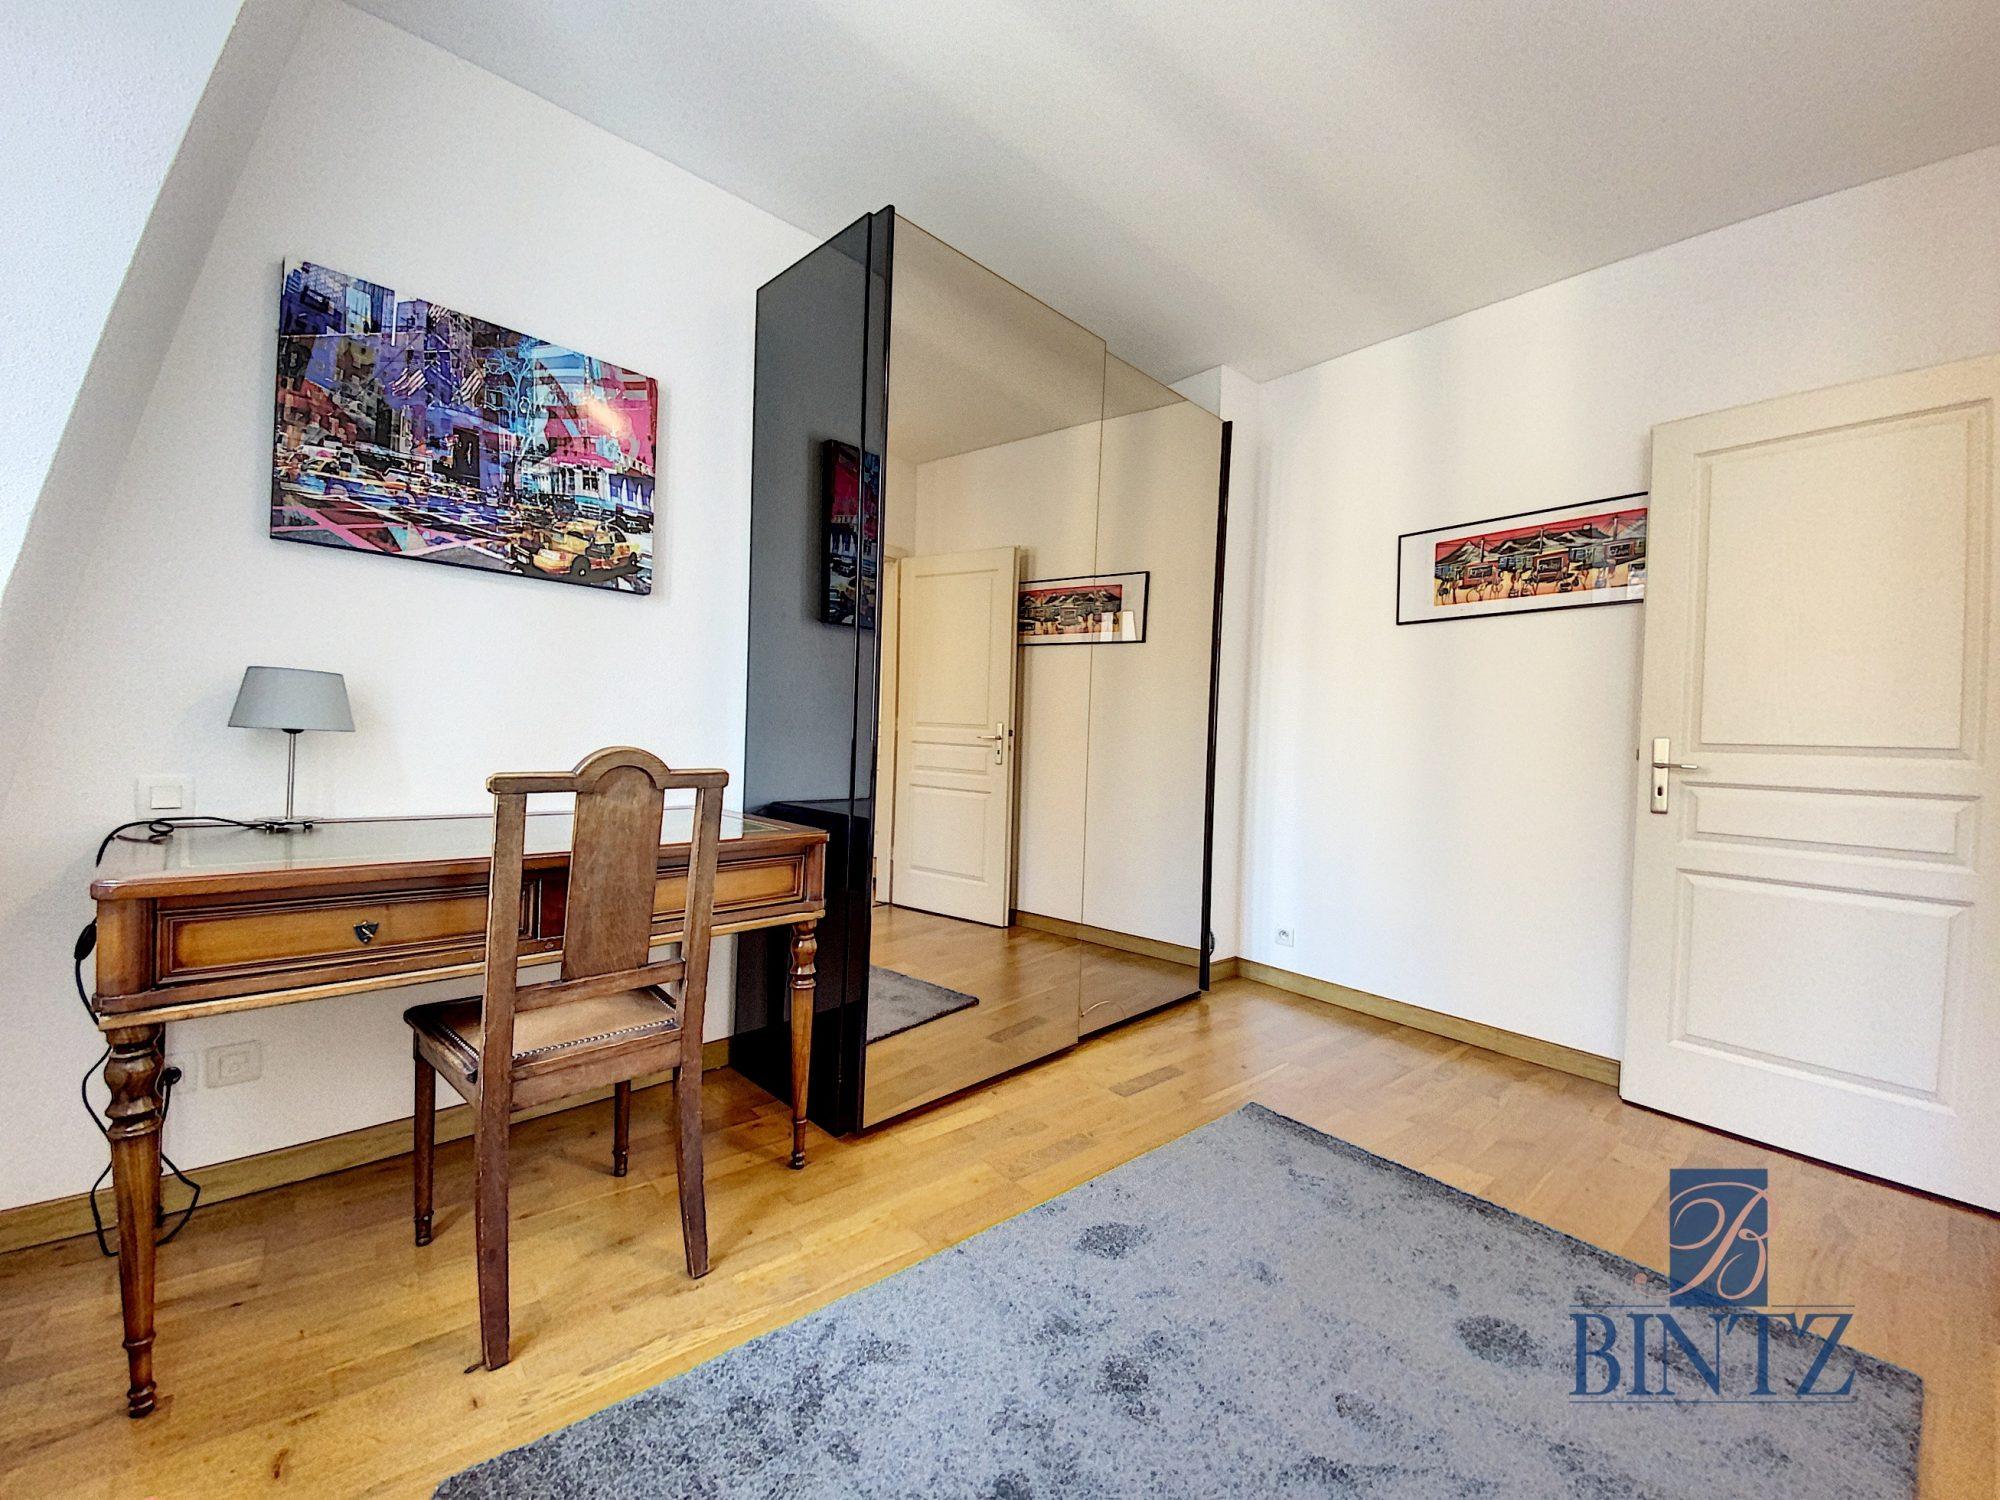 T3 MEUBLÉ HYPER-CENTRE VUE CATHÉDRALE - Devenez locataire en toute sérénité - Bintz Immobilier - 4